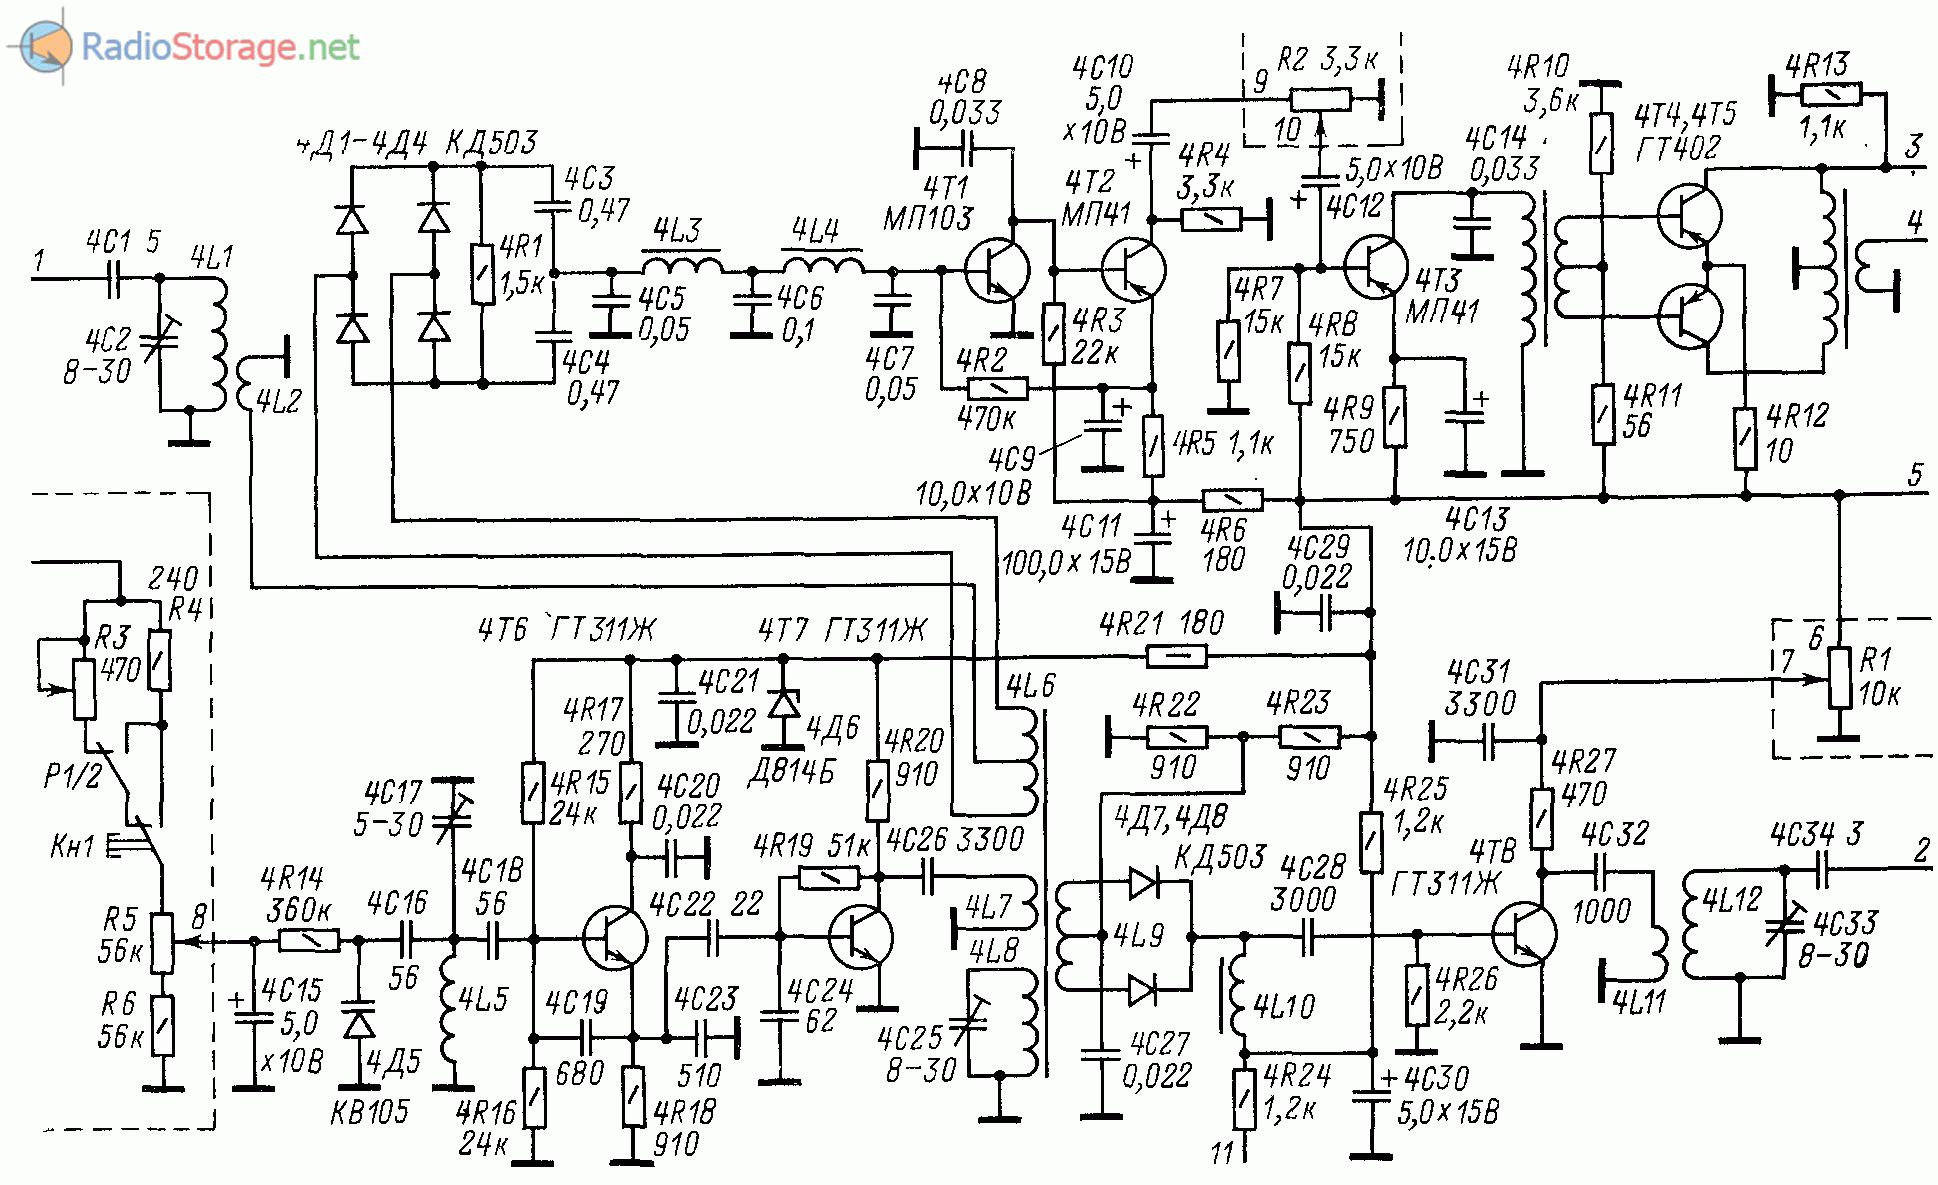 схема простого радиопередатчика 430 мгц